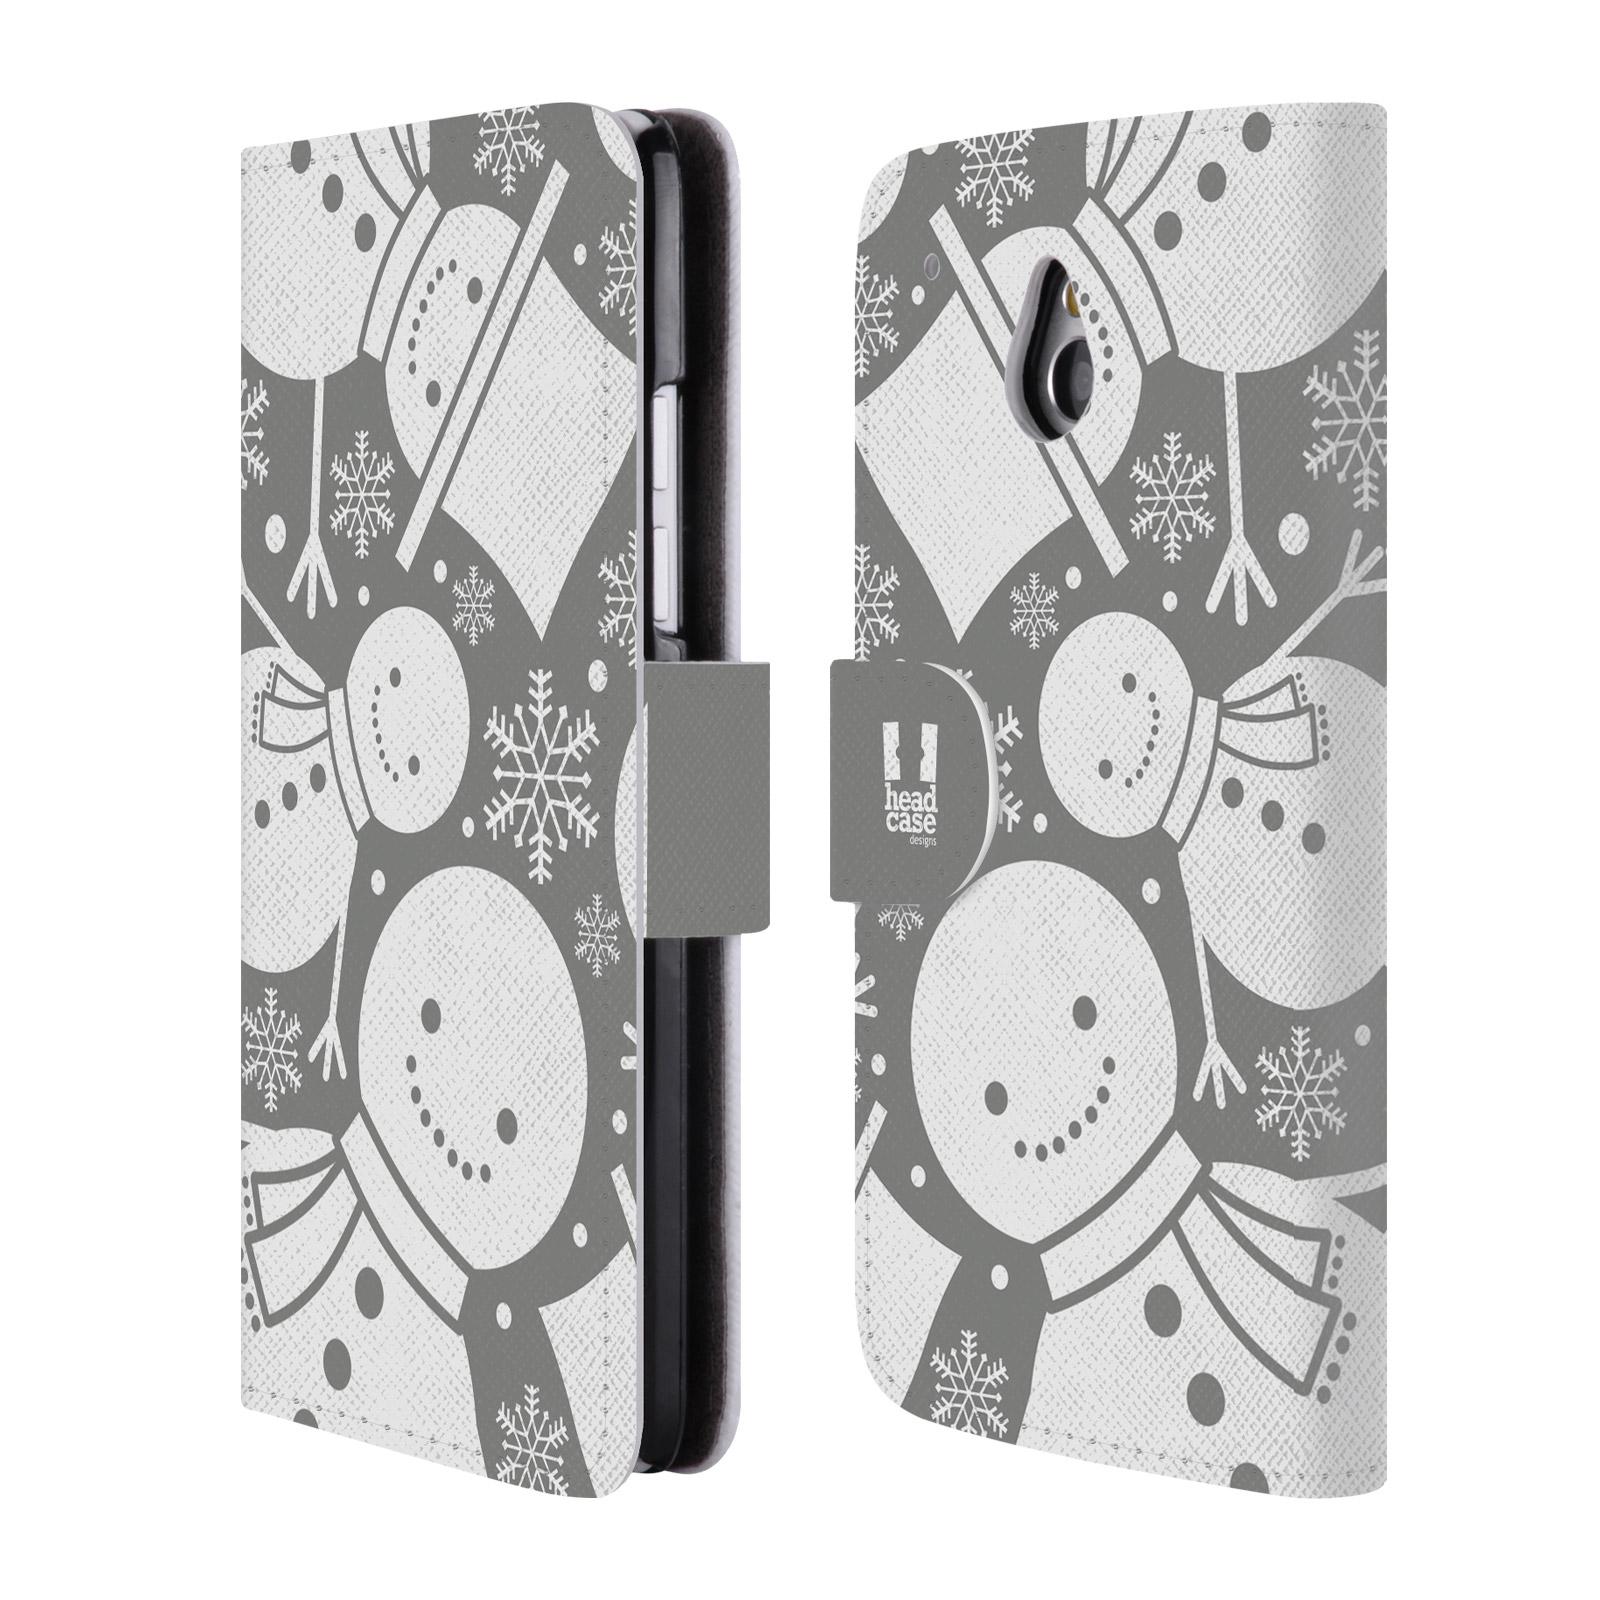 HEAD CASE Flipové pouzdro pro mobil HTC ONE MINI (M4) stříbrné vzory sněhulák